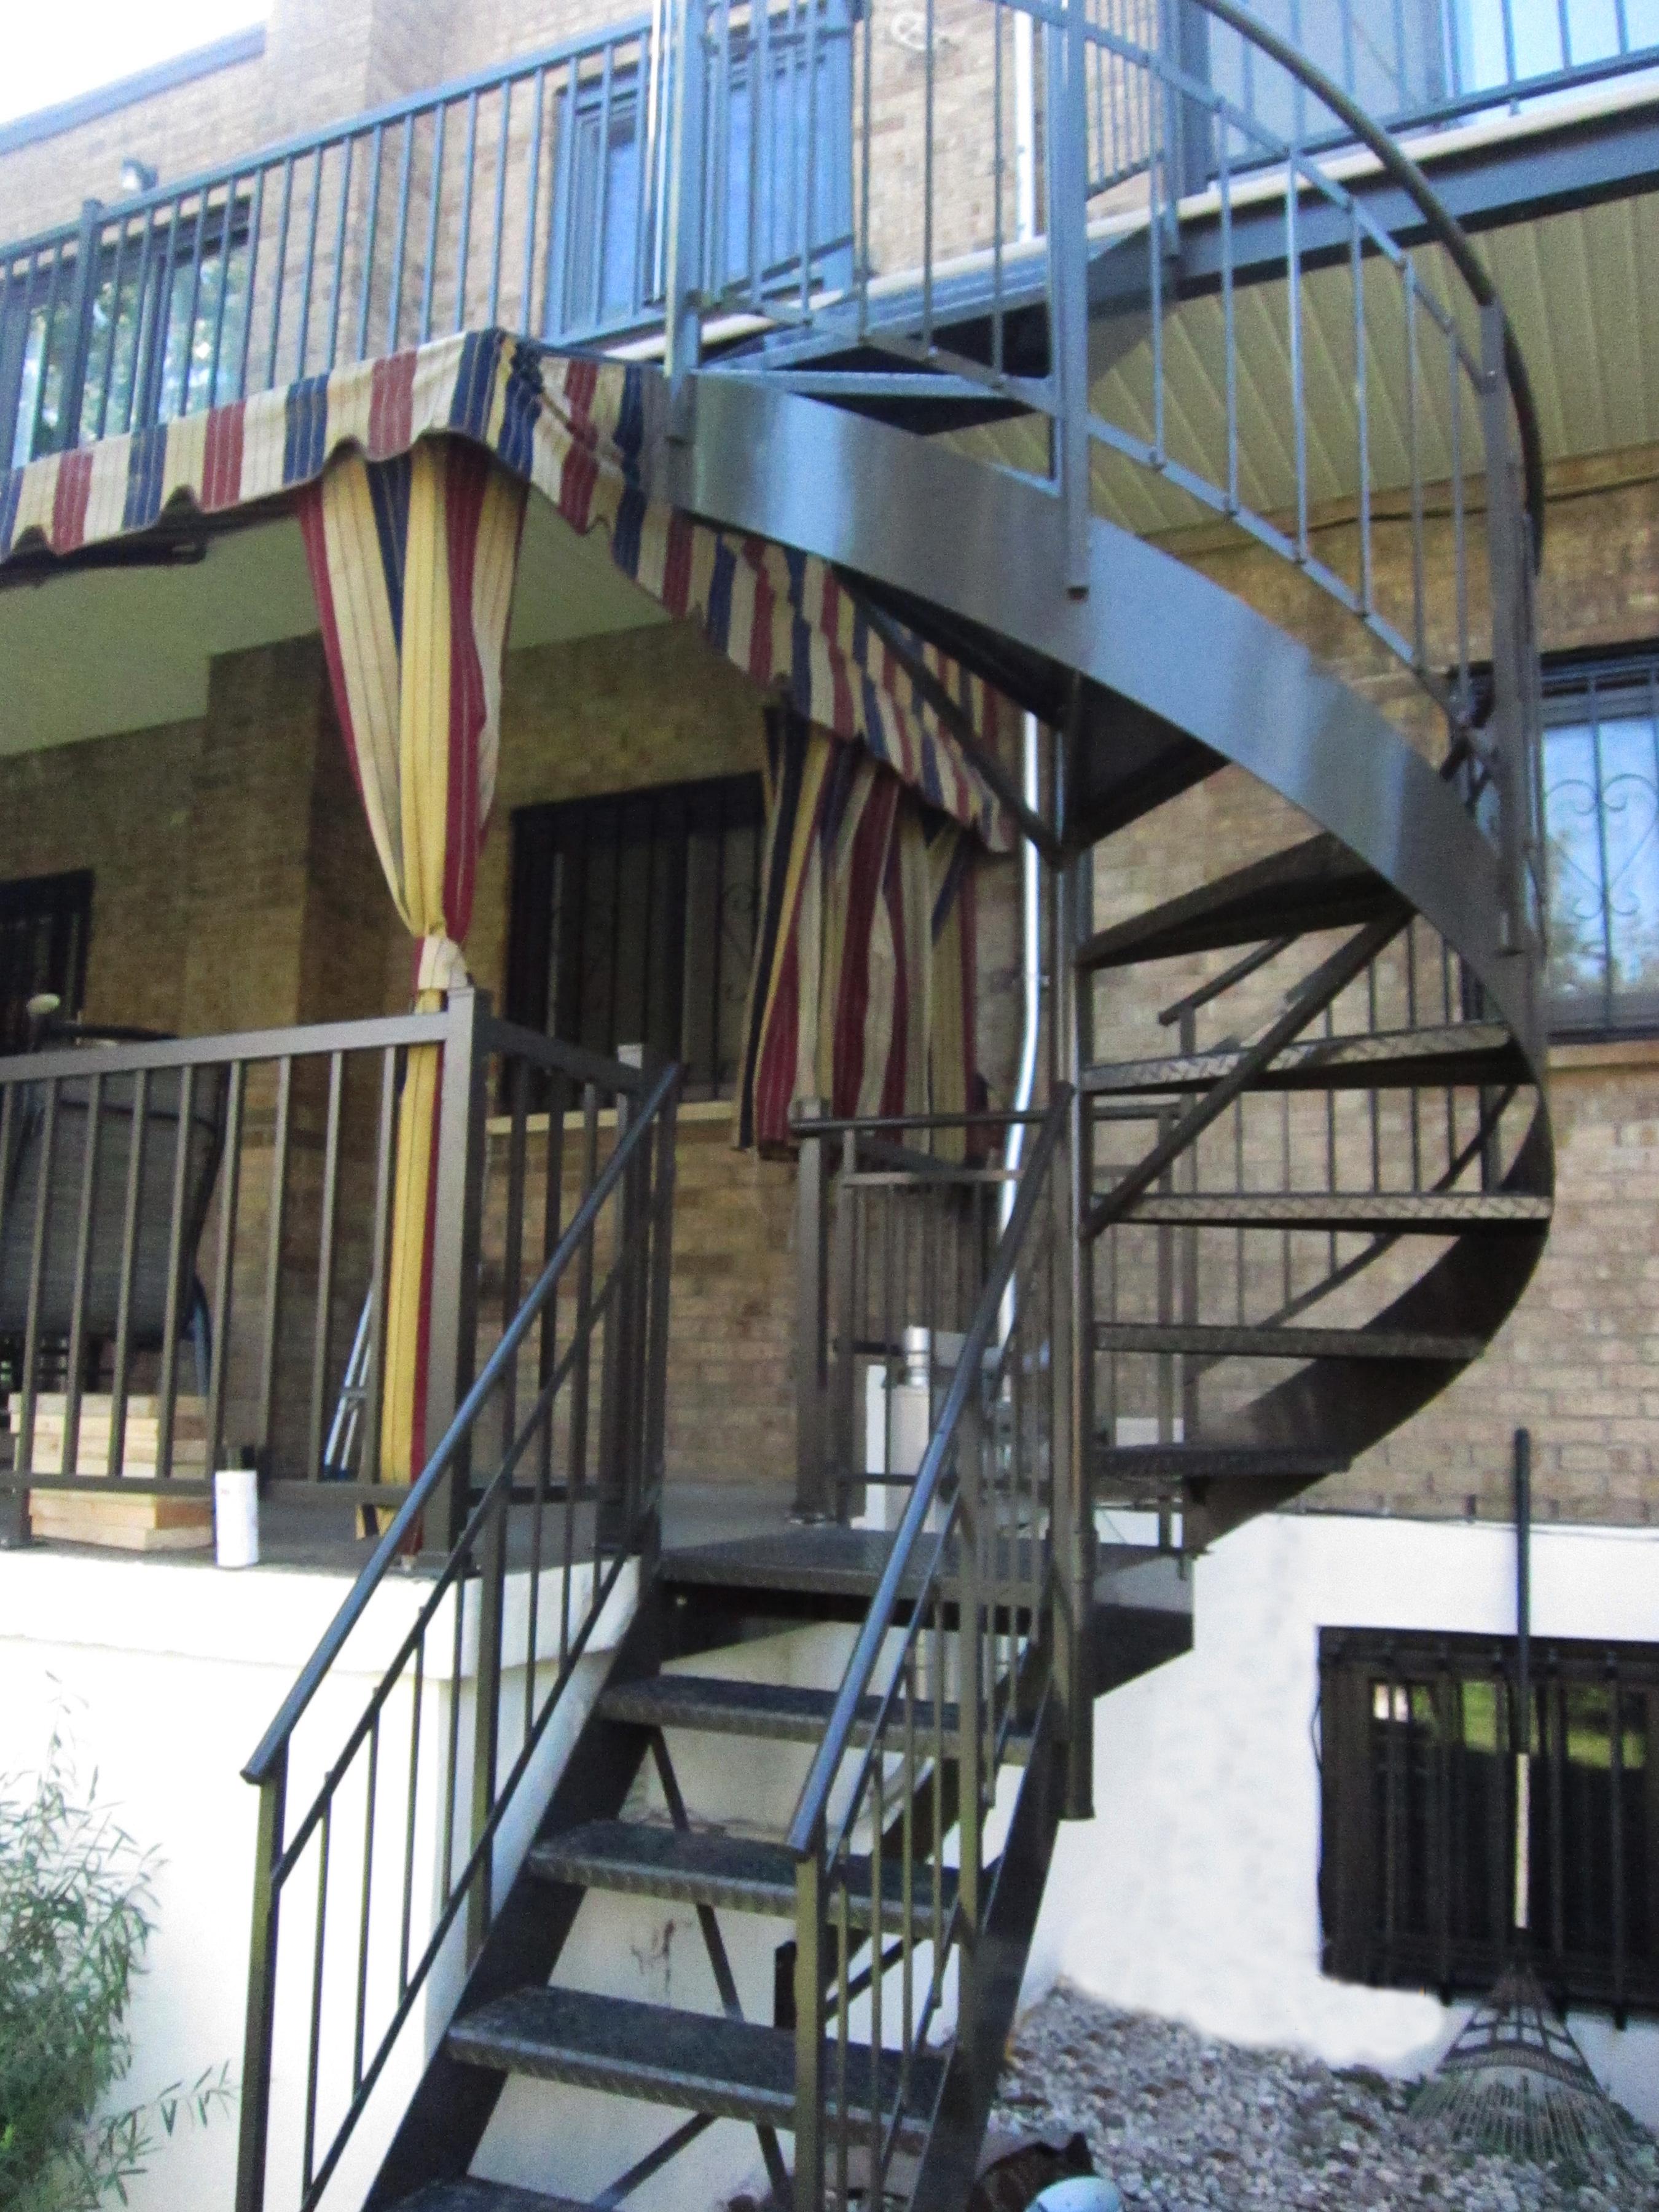 Escalier14